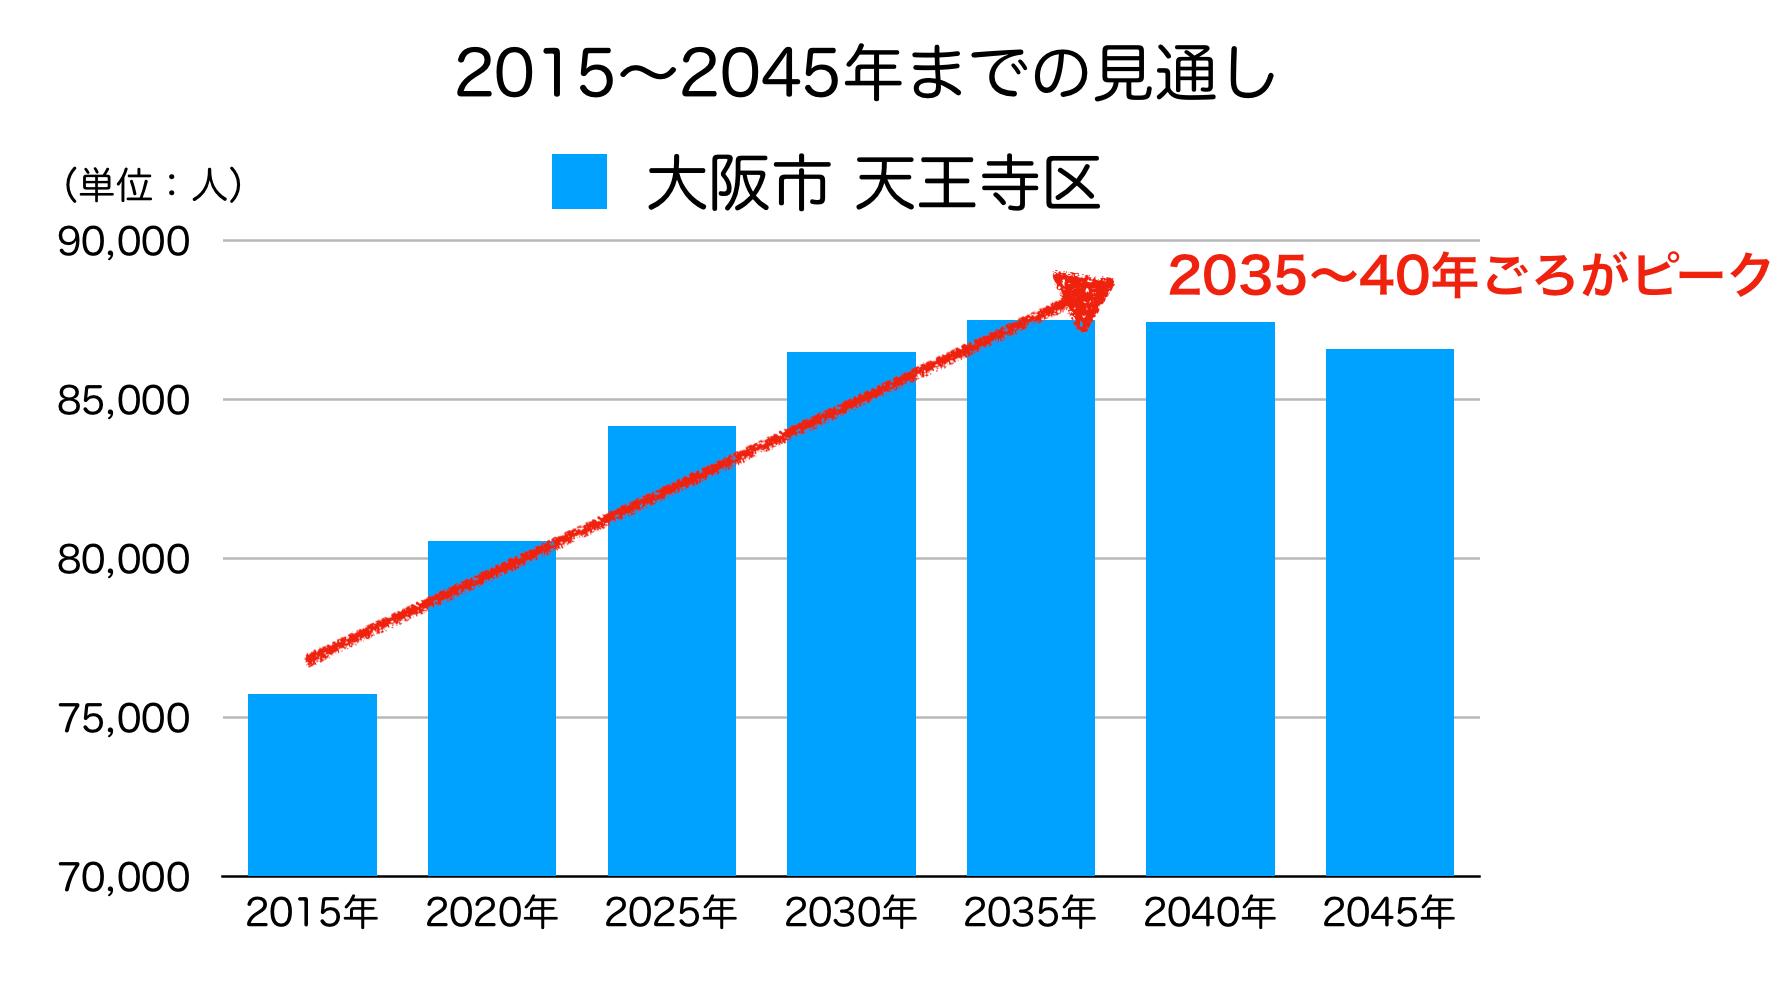 大阪市天王寺区の人口予測